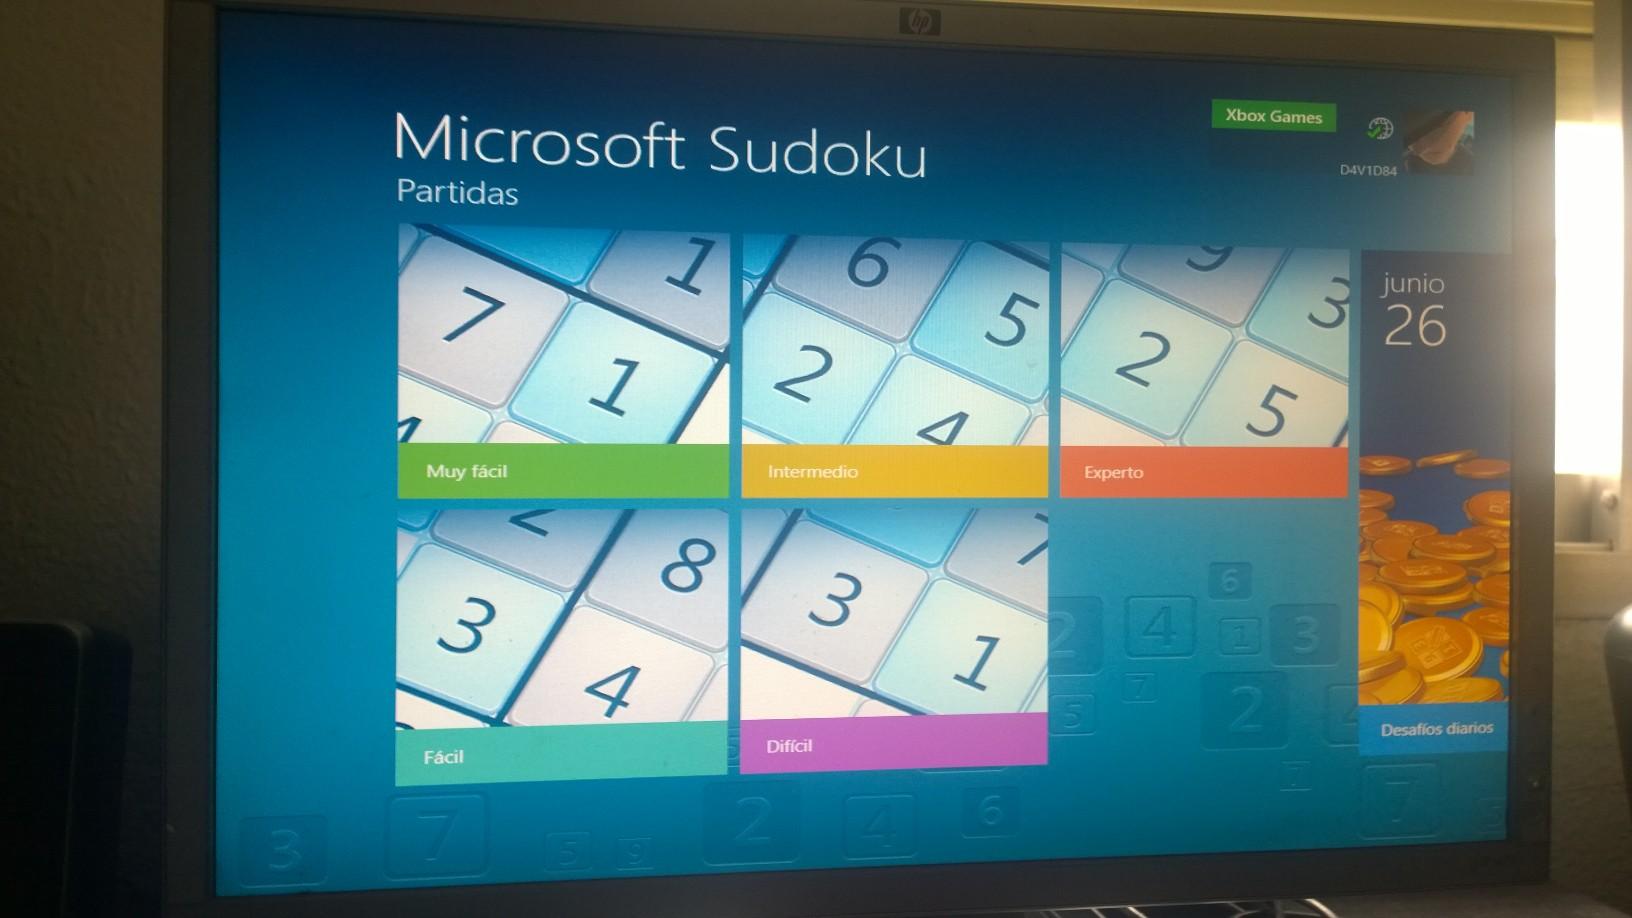 toda la información sobre sudoku onewindows